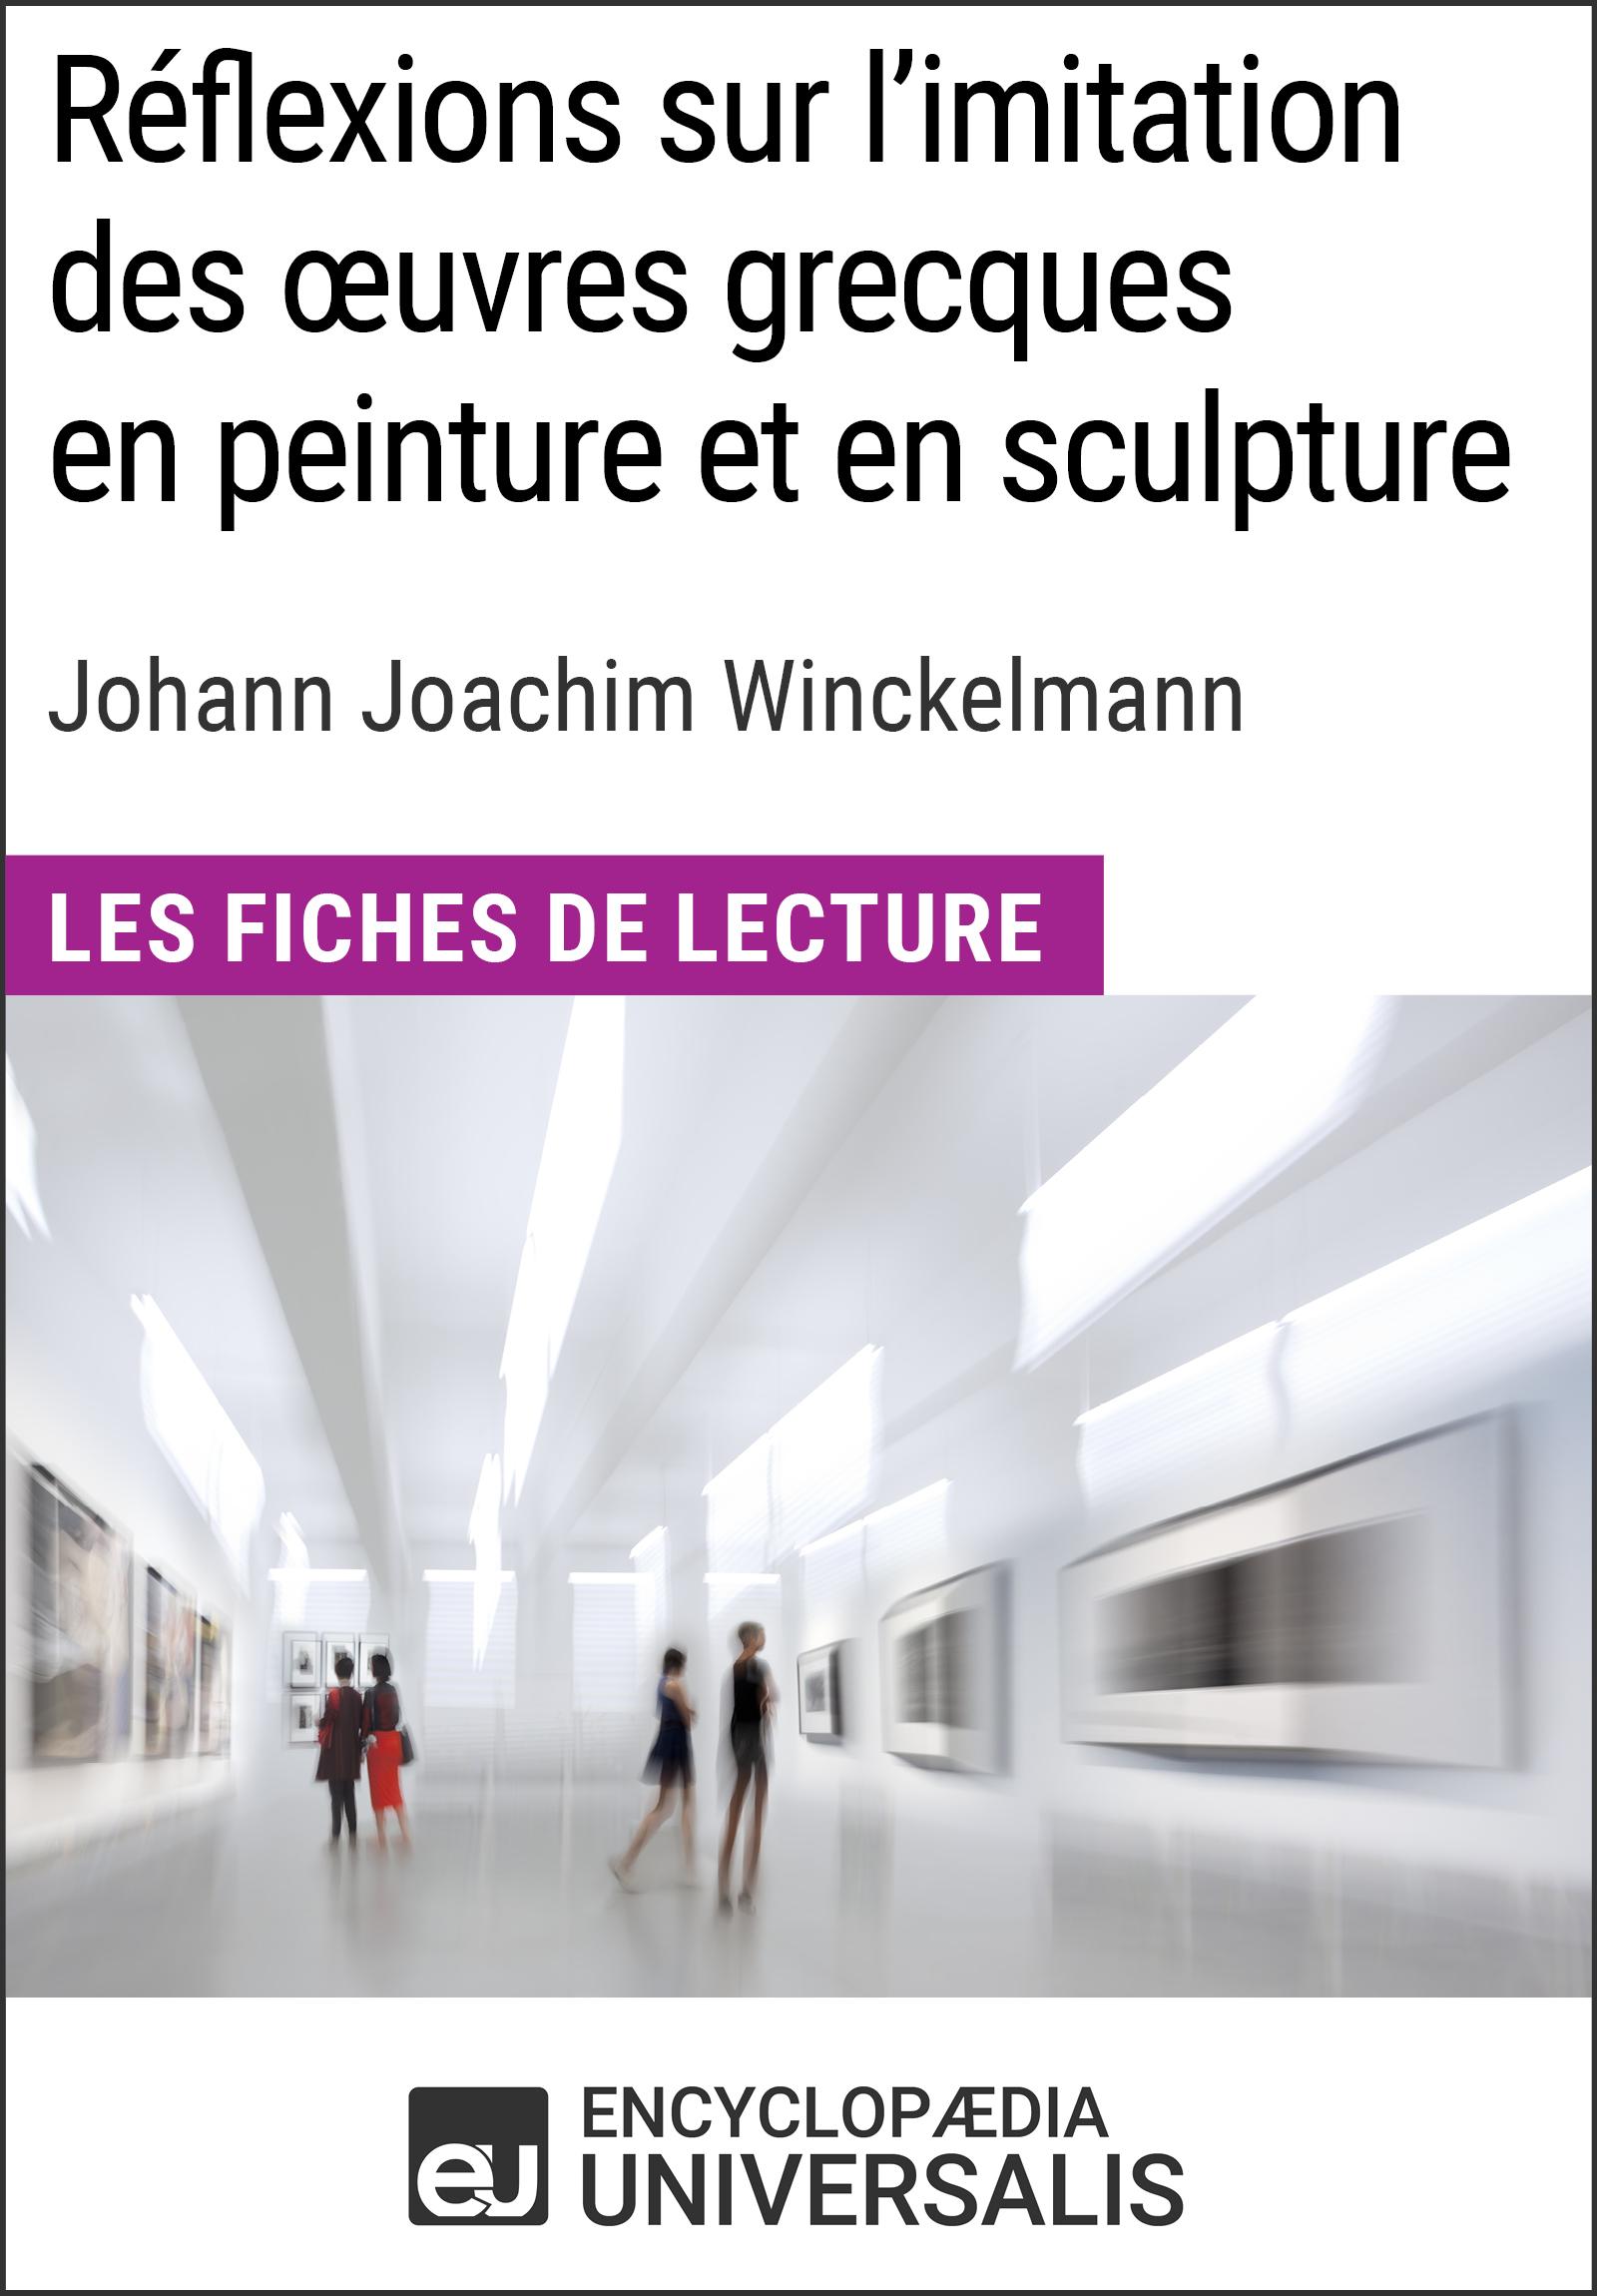 Réflexions sur l'imitation des oeuvres grecques en peinture et en sculpture de Johann Joachim Winckelmann